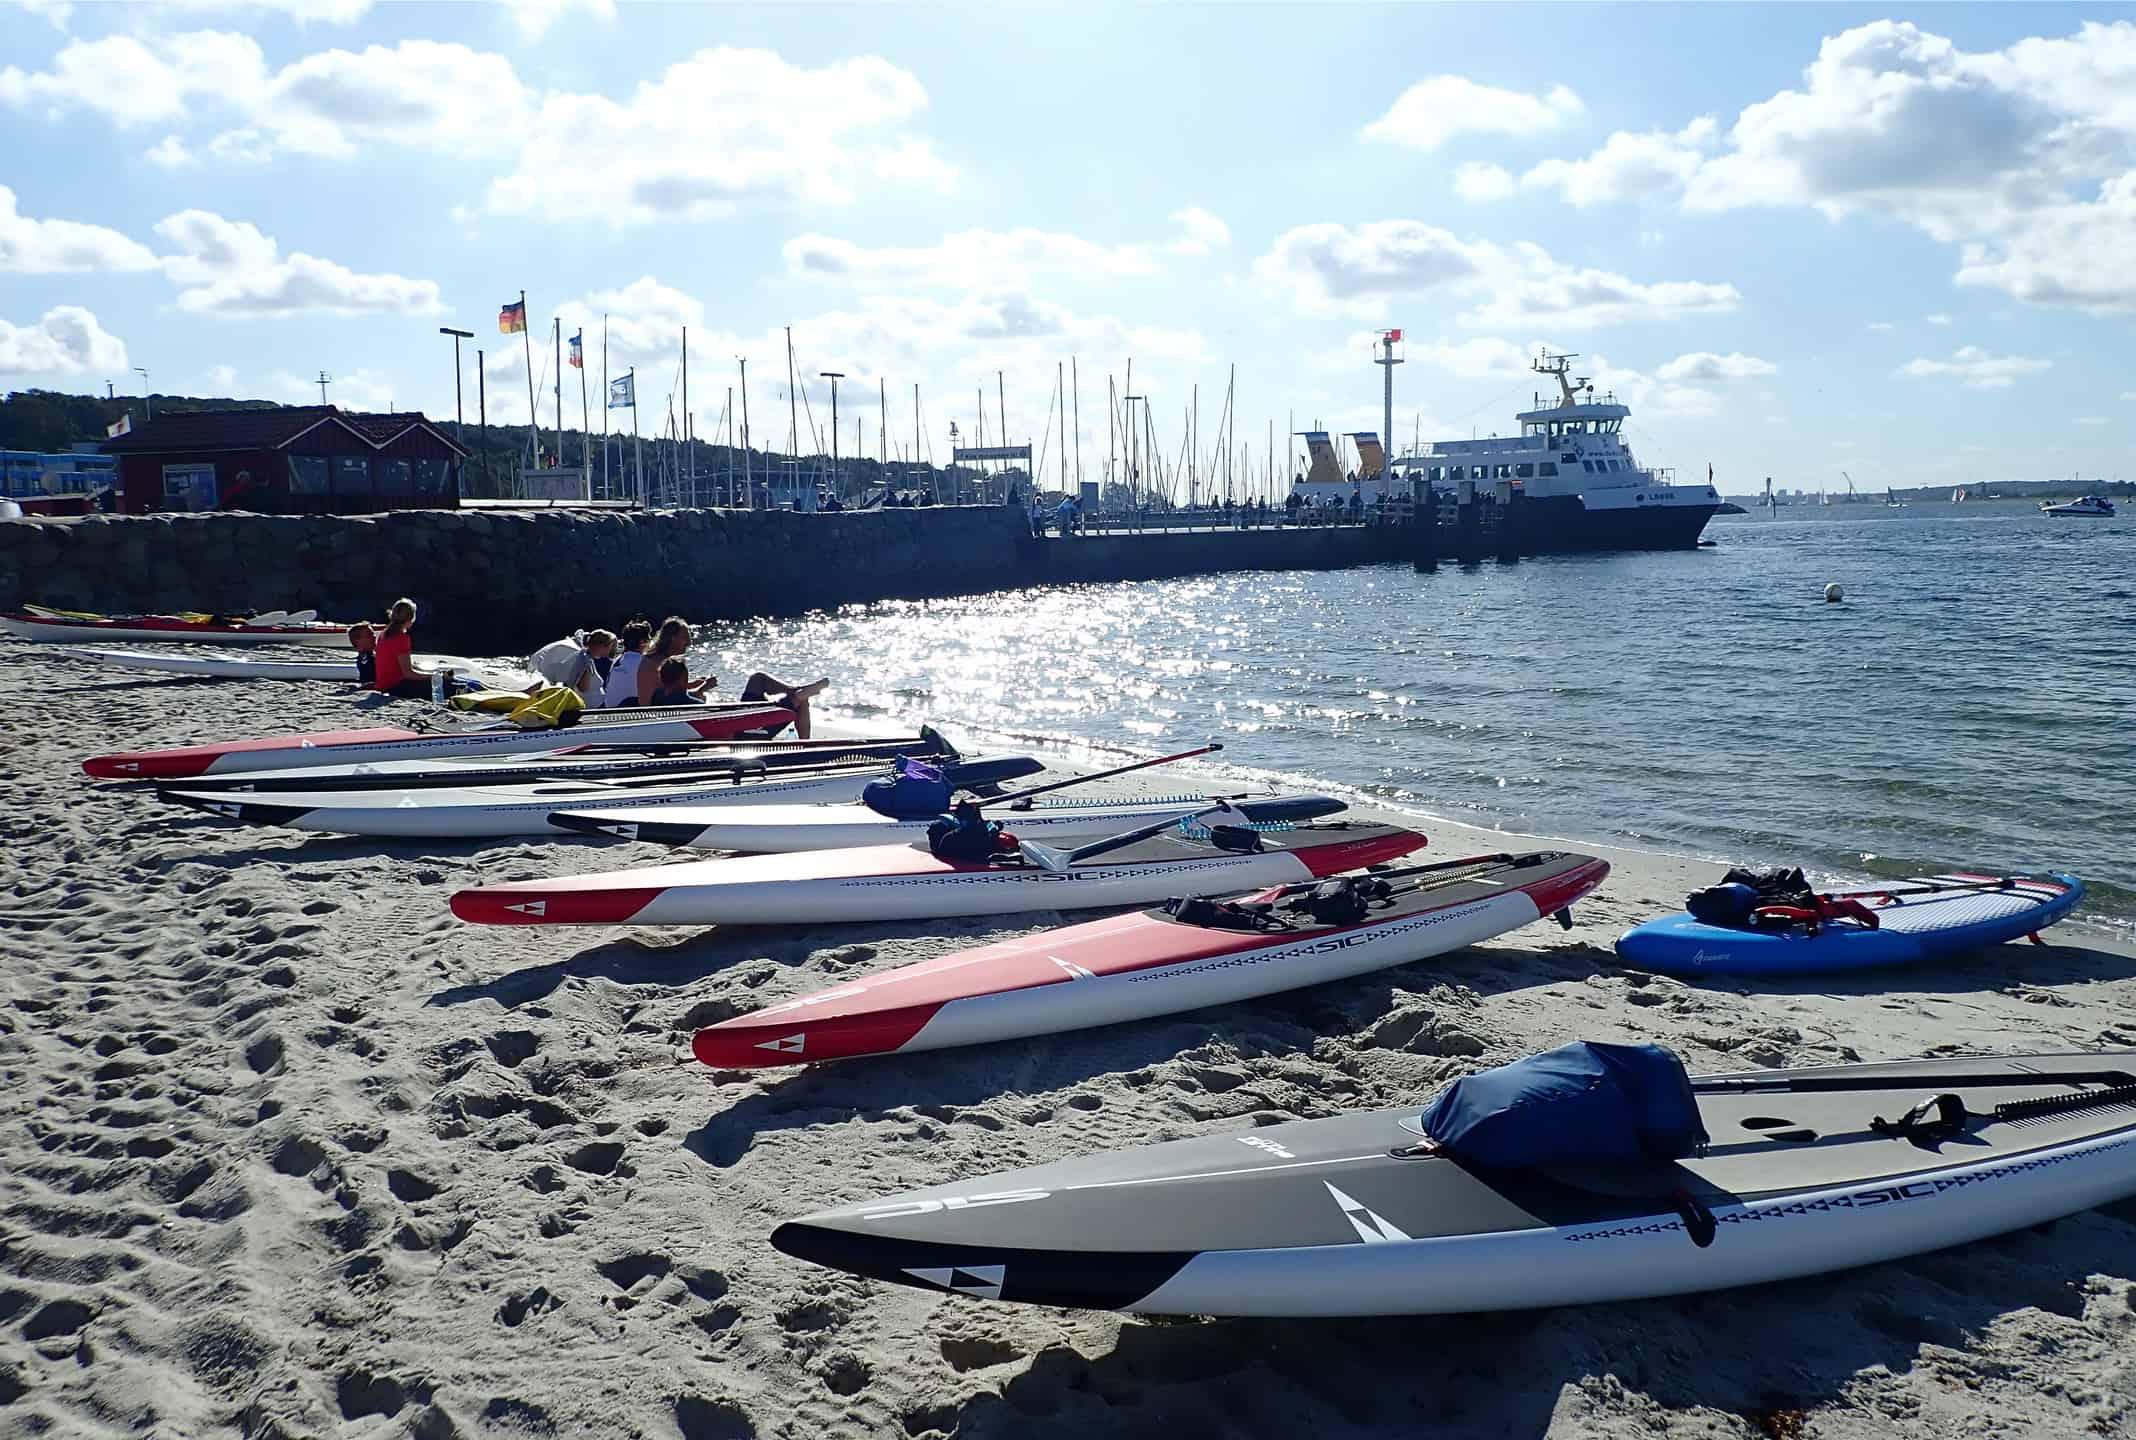 Ostsee Tour im Herbst bei sommerlichen Temperaturen